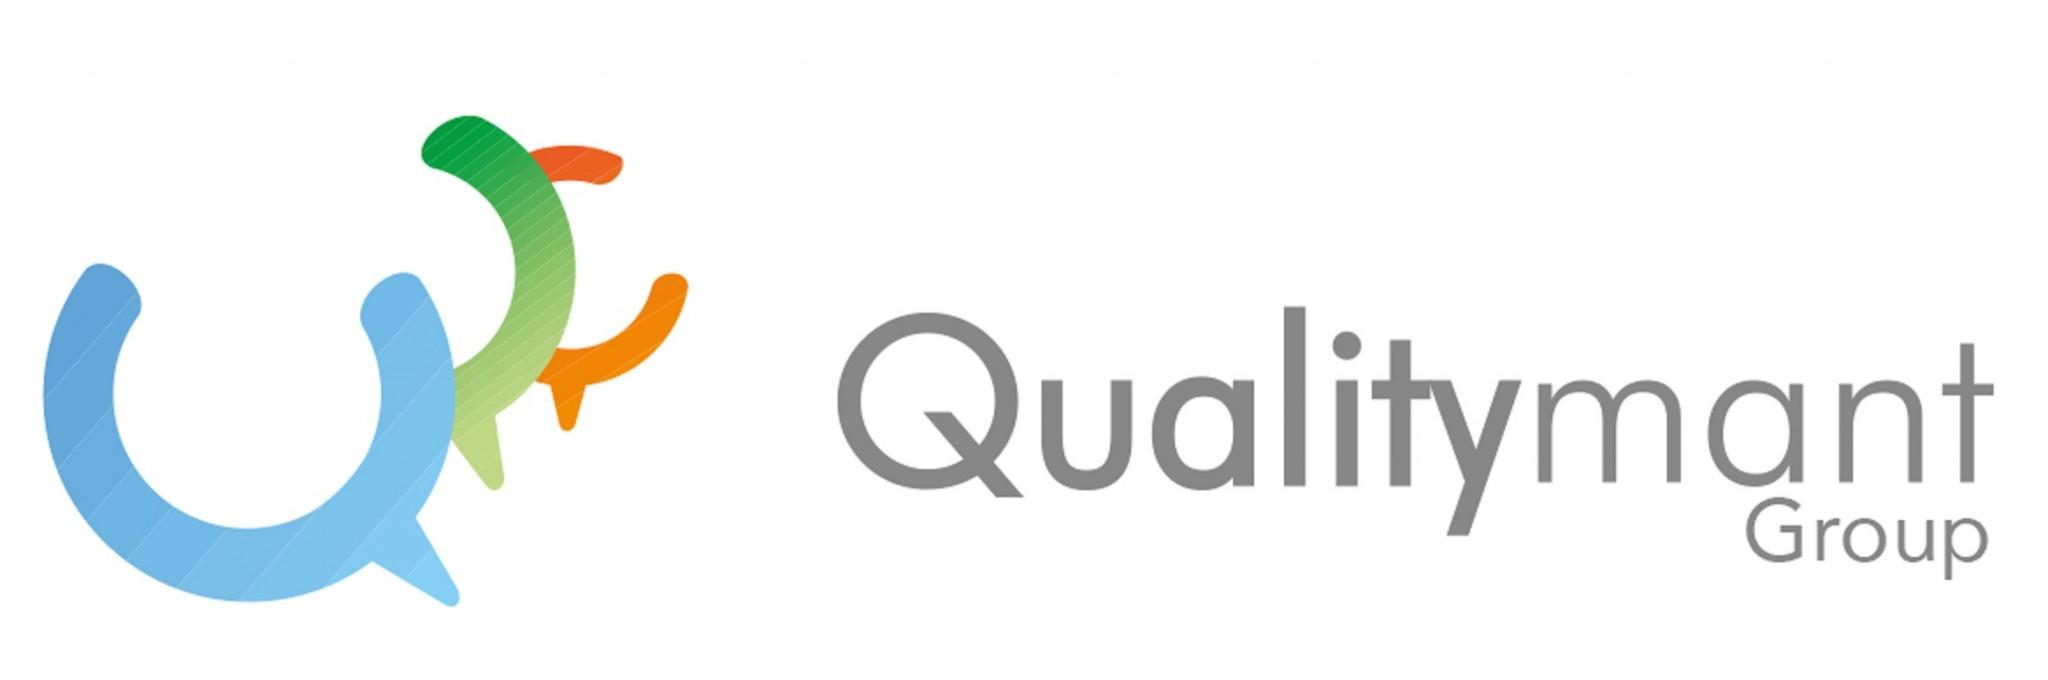 Gestión del Mantenimiento – Qualitymant Group Logo